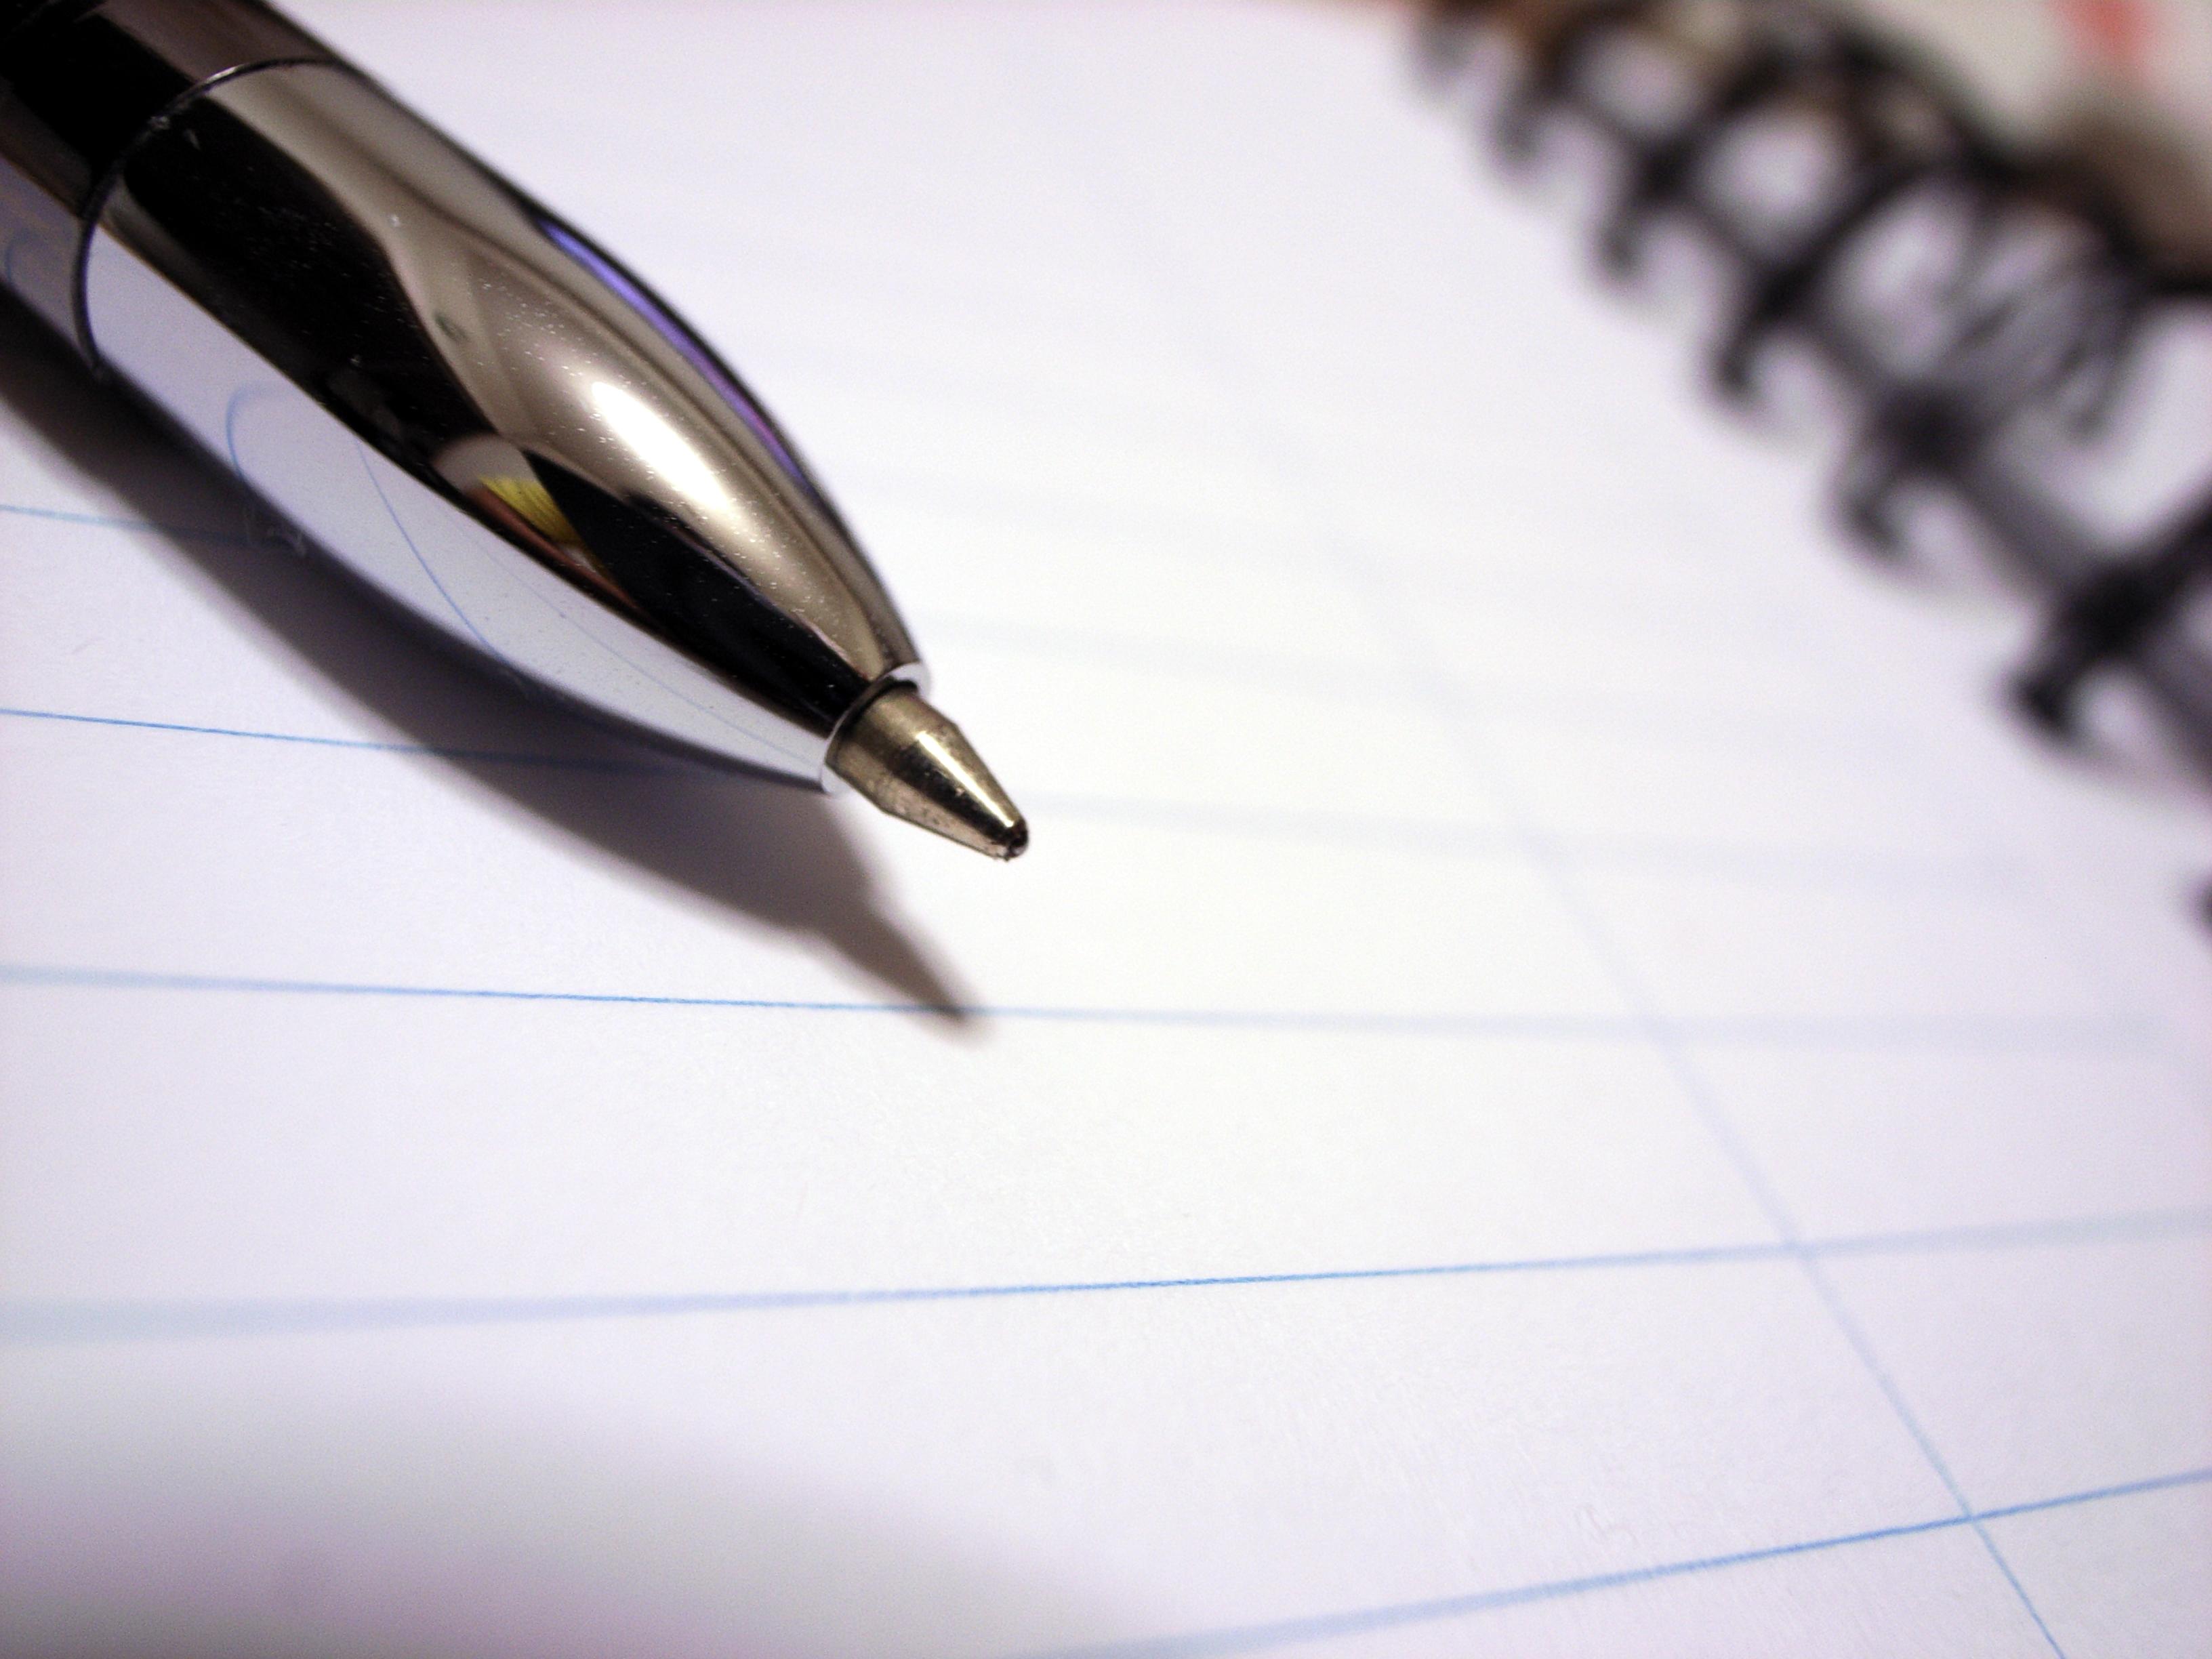 賃貸物件の契約更新のやり方!手続きはいつまでに済ませれば良いのか